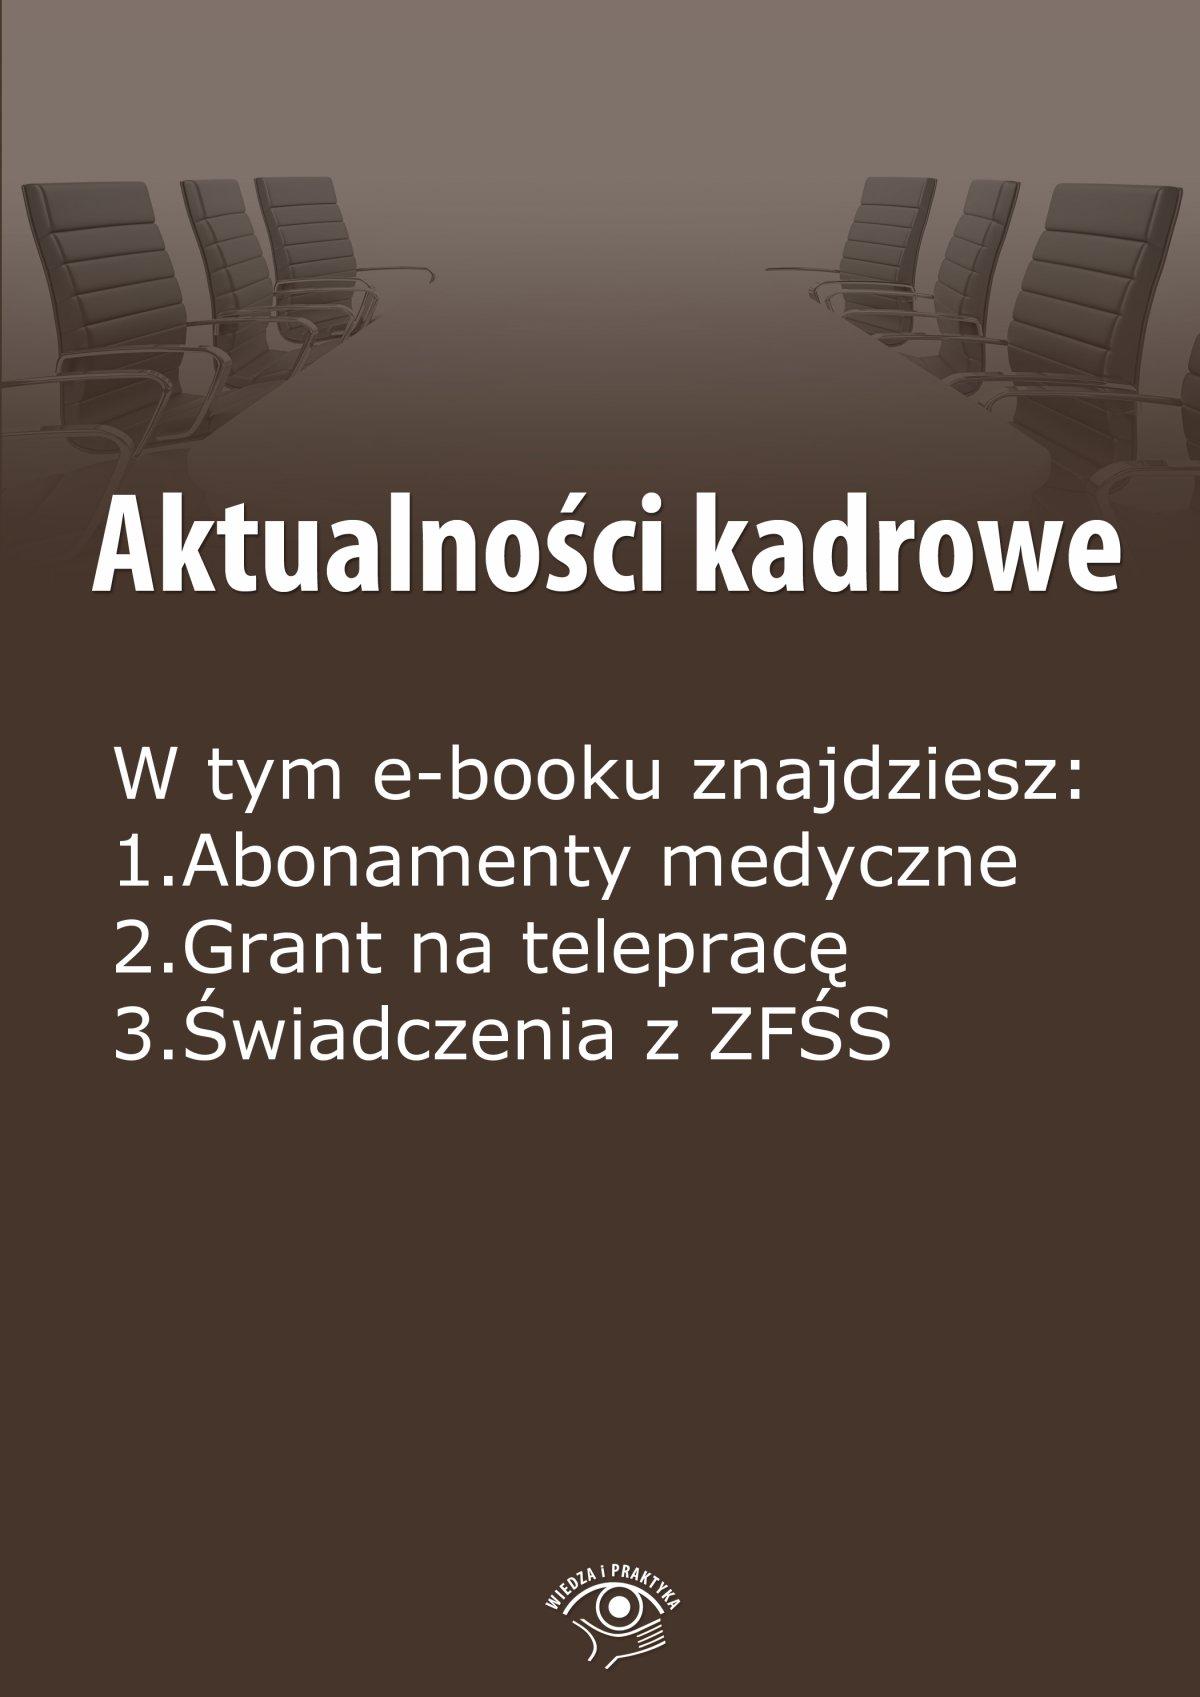 Aktualności kadrowe, wydanie sierpień 2014 r. - Ebook (Książka EPUB) do pobrania w formacie EPUB